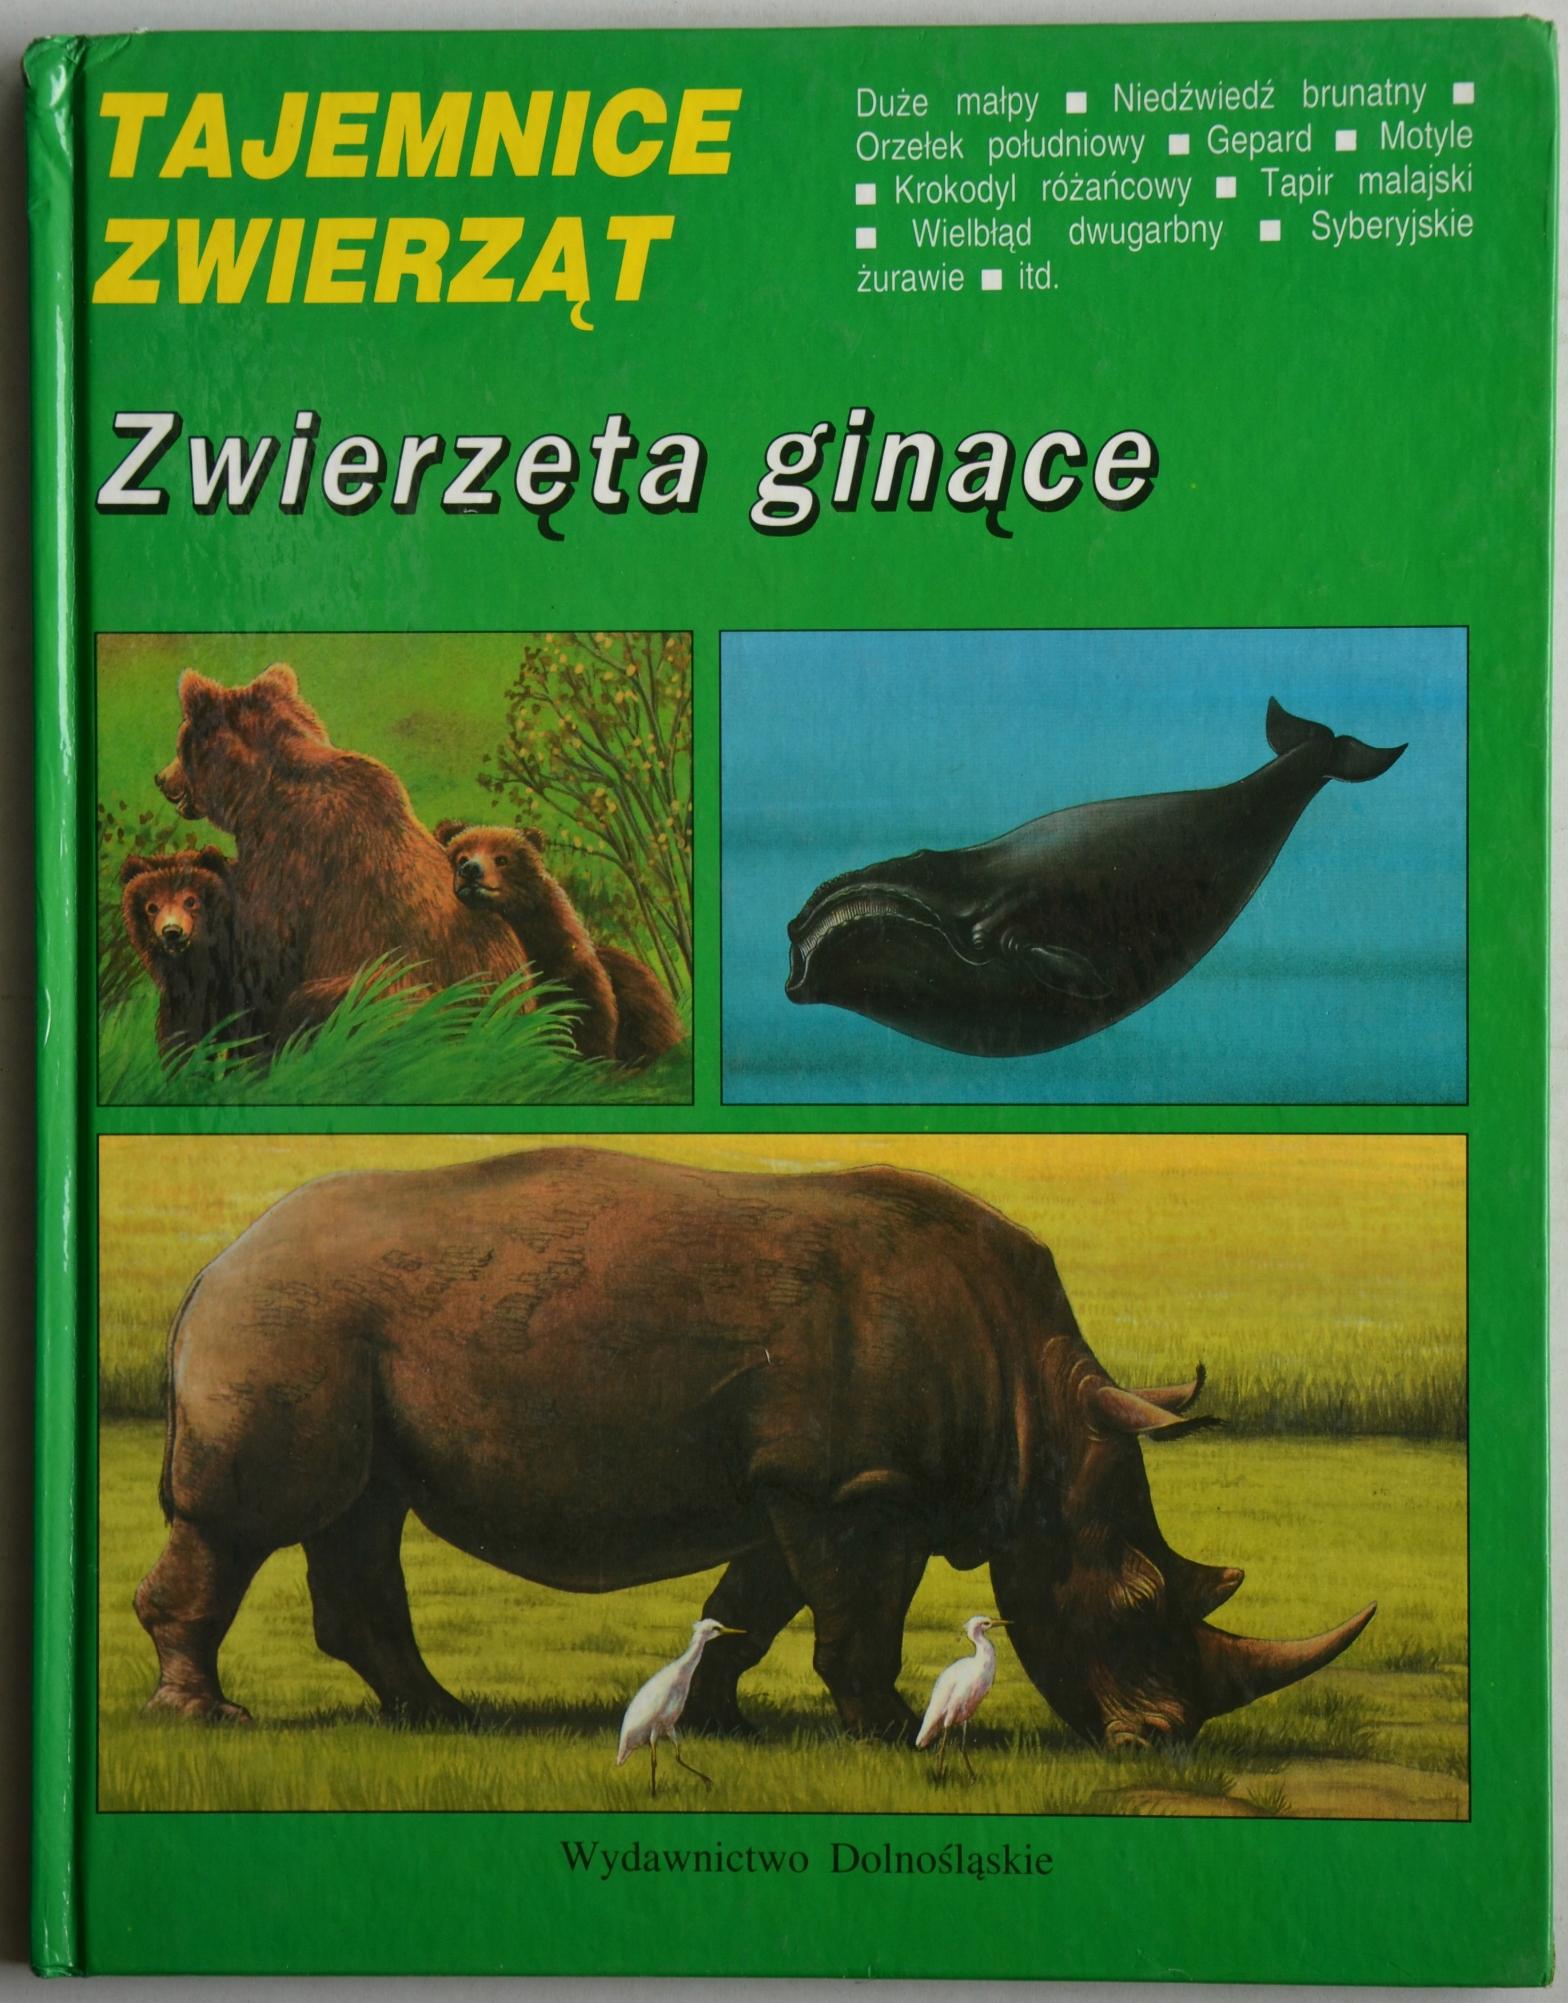 ff45d2f7a9c1e6 Tajemnice zwierząt - Zwierzęta ginące - 7508590733 - oficjalne ...